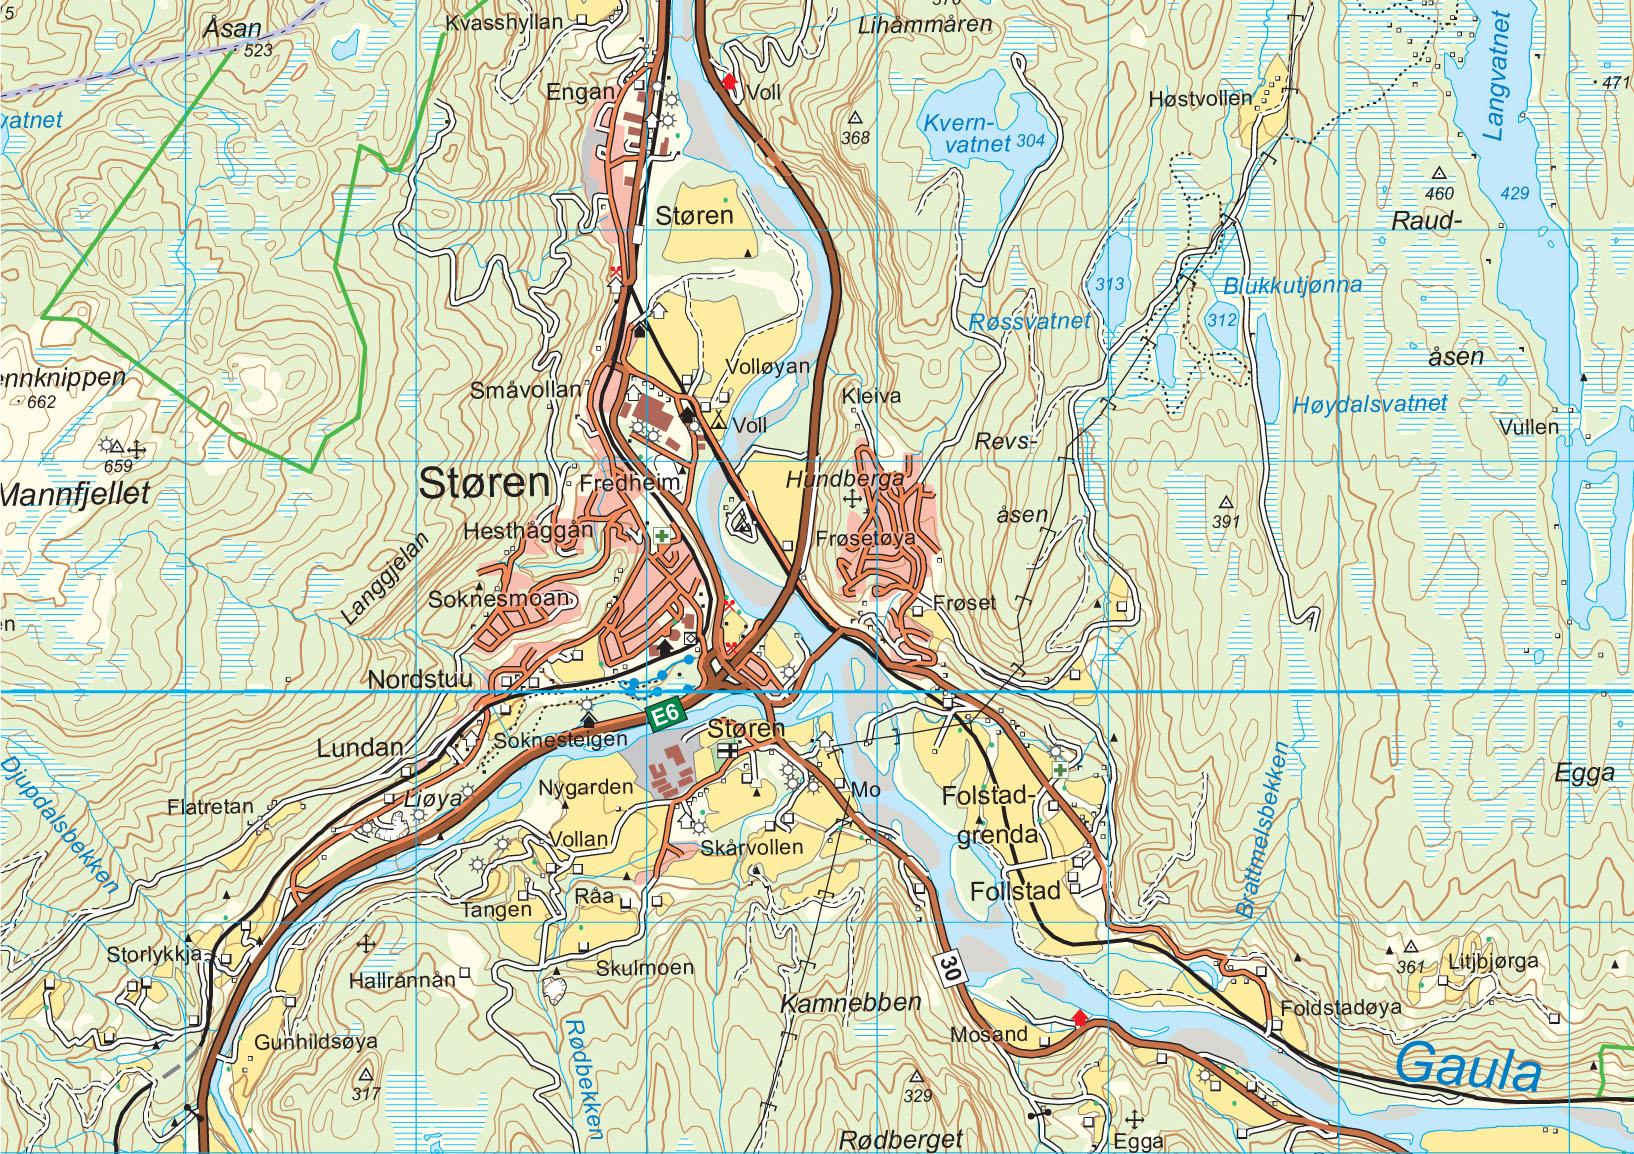 kart norge serien Wandelkaart   Topografische kaart 10039 Norge Serien  kart norge serien